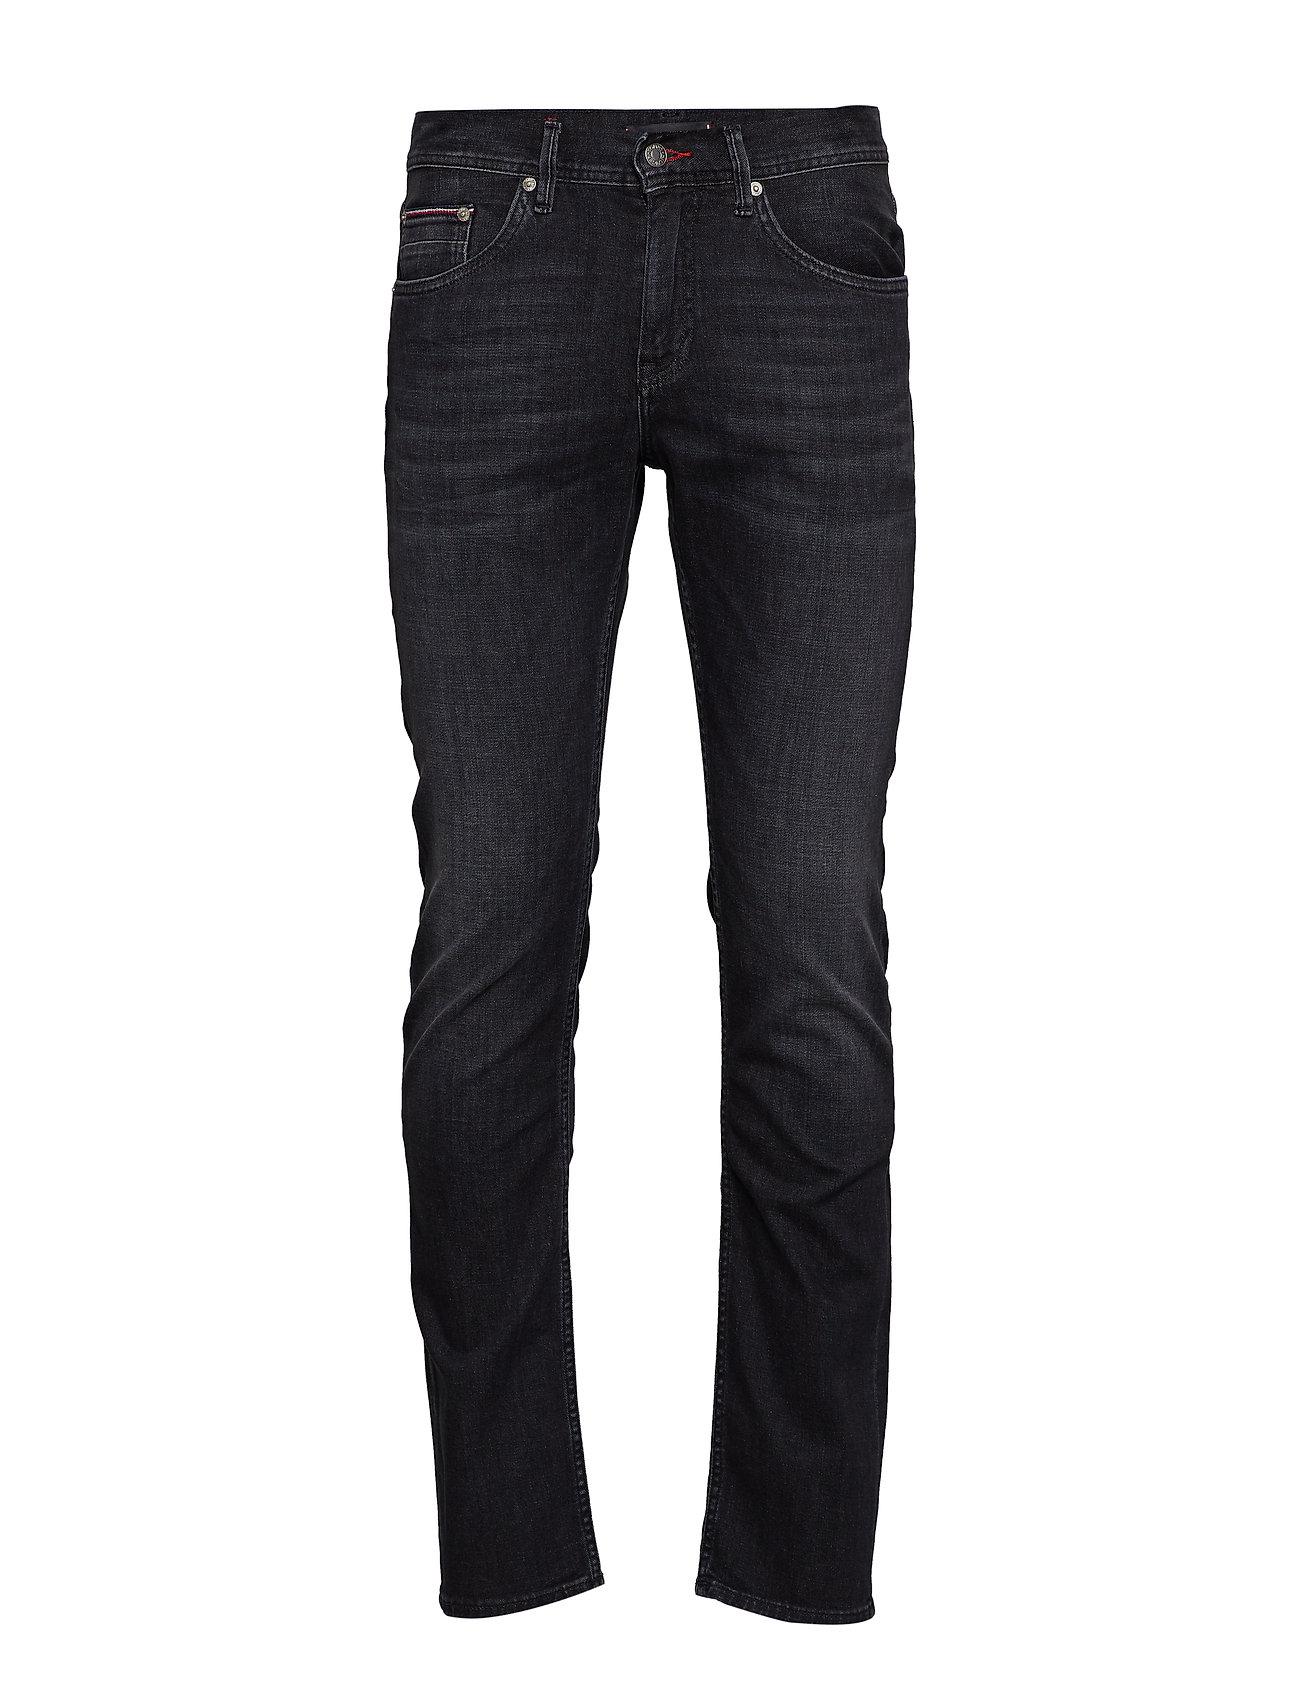 Image of Slim Bleecker Str Dublin Black Slim Jeans Blå TOMMY HILFIGER (3121459761)